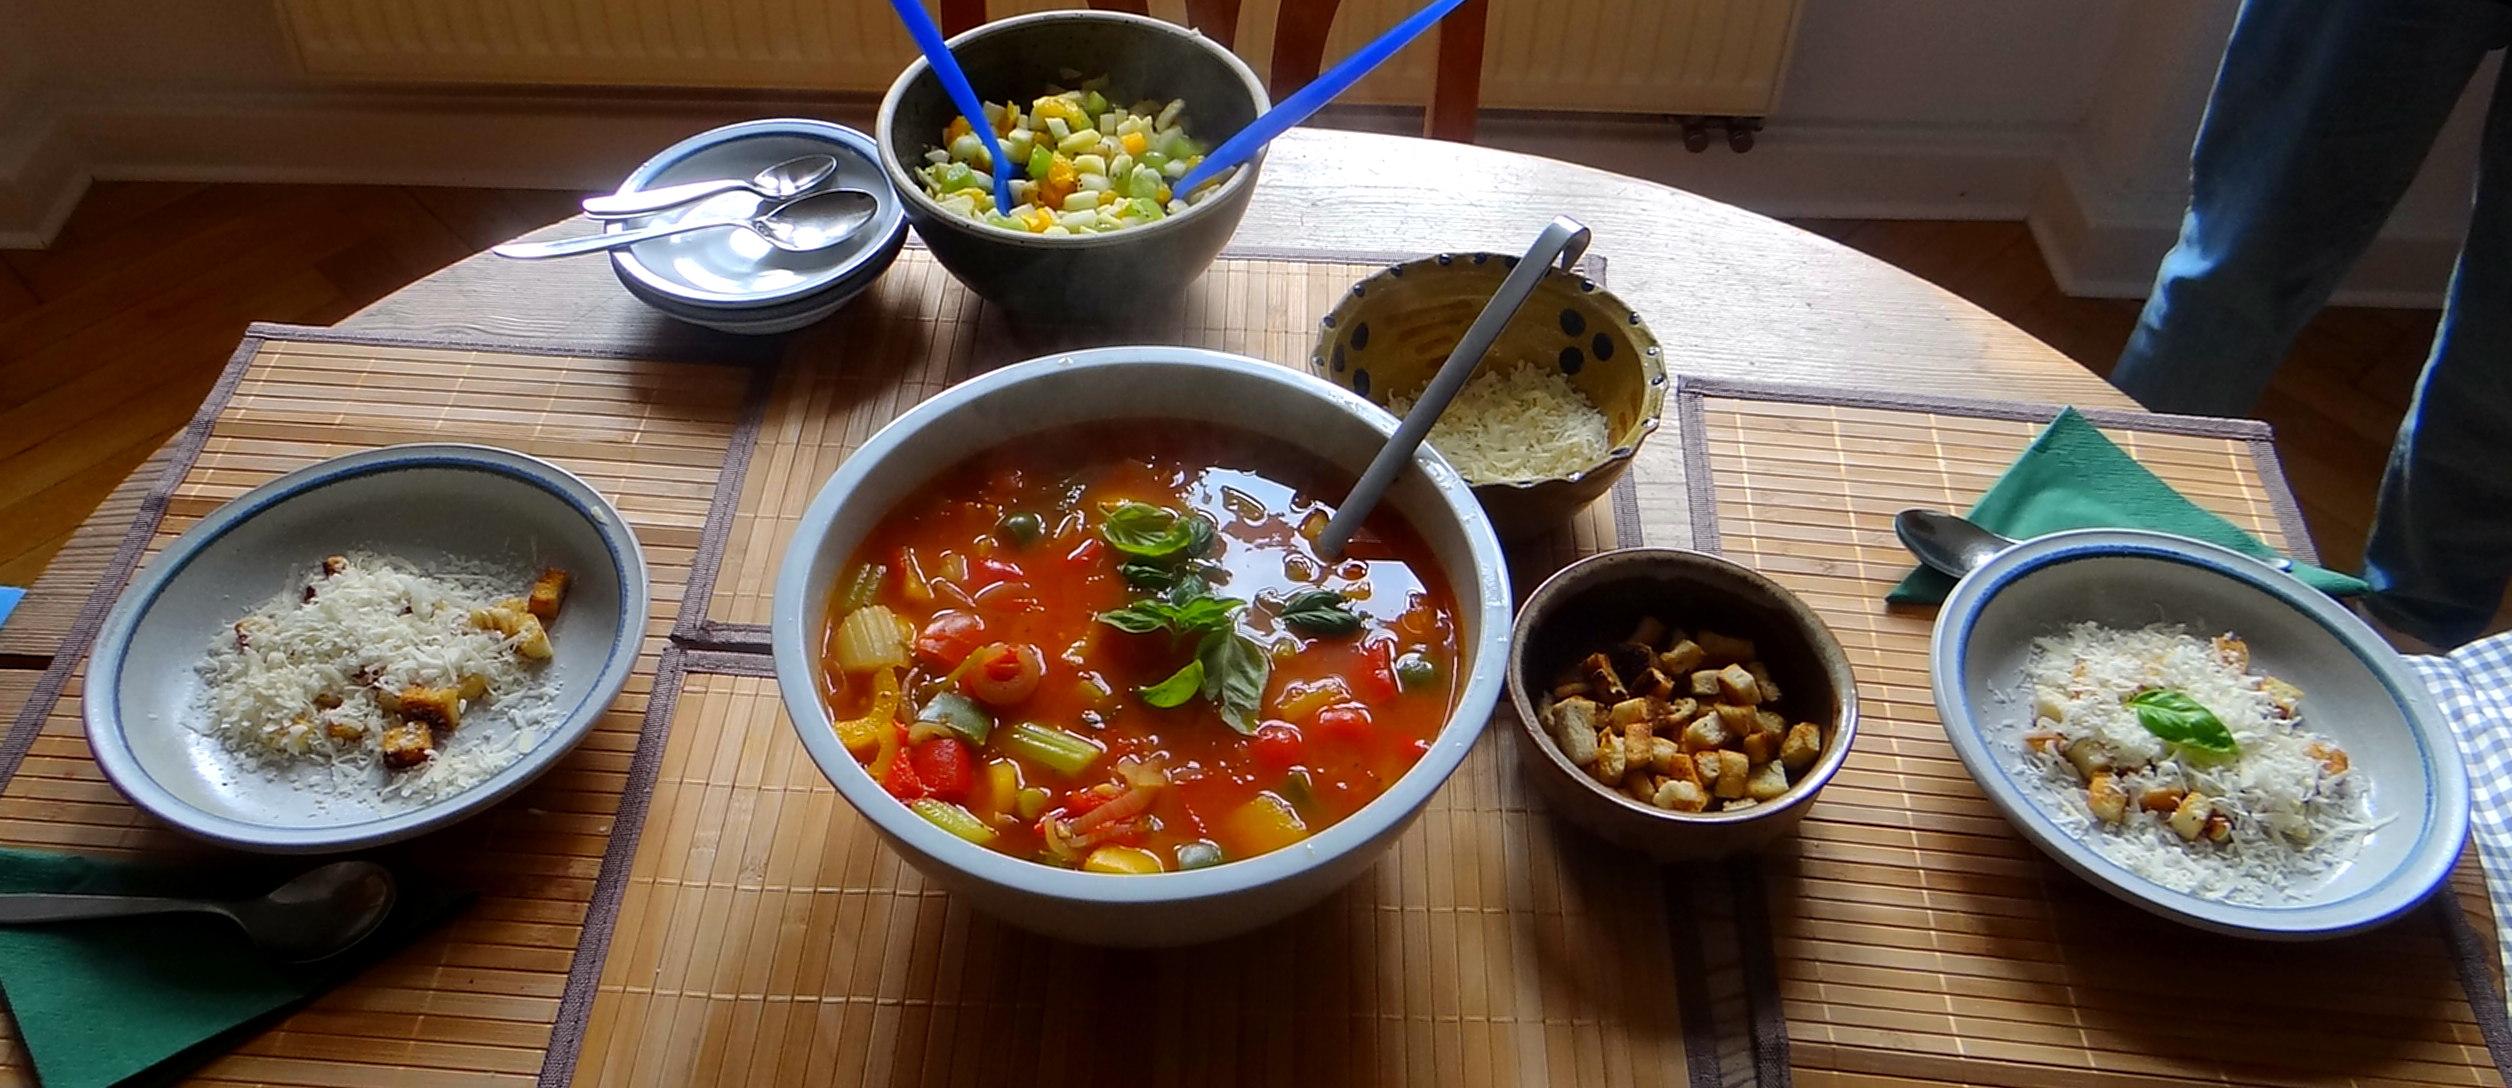 Minestra mit Bleichsellerie un Paprika,Obstsalat,vegetarisch (3)